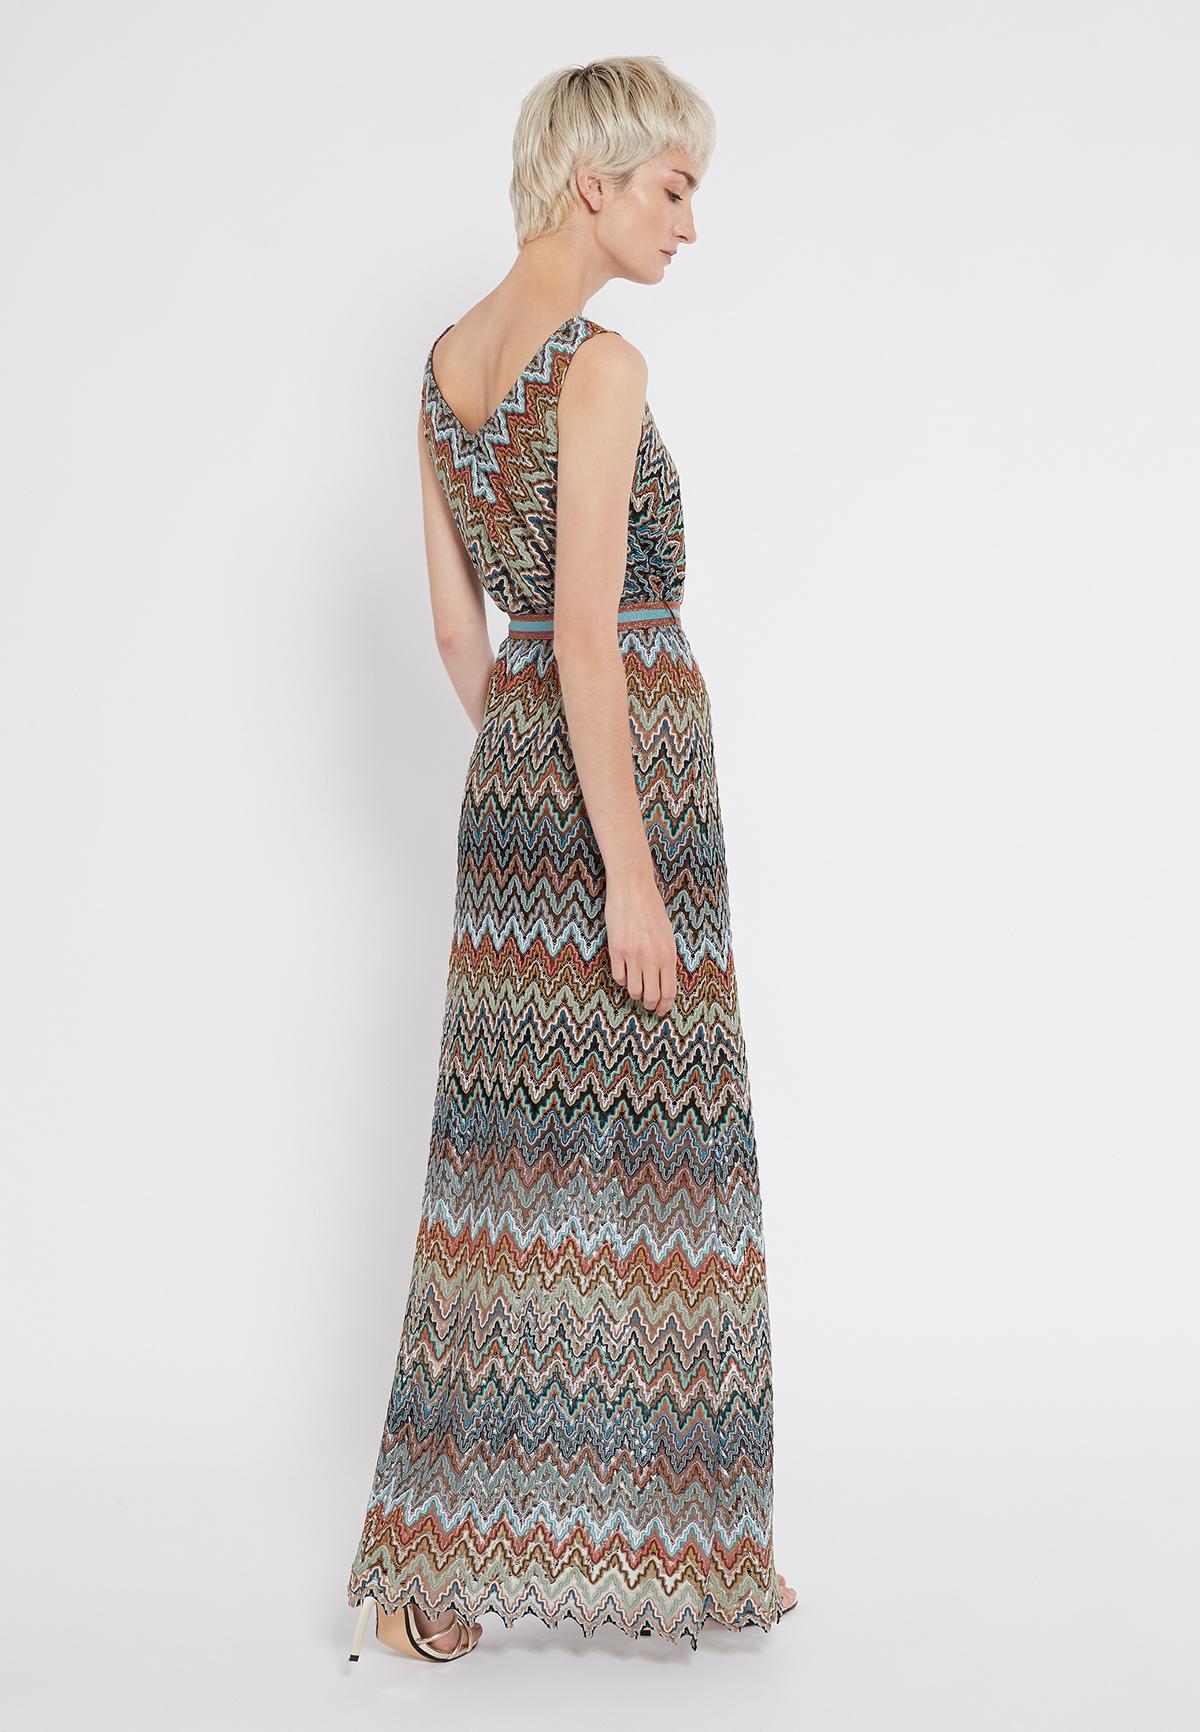 Rear view of Ana Alcazar Maxi Dress Sosinka  worn by model